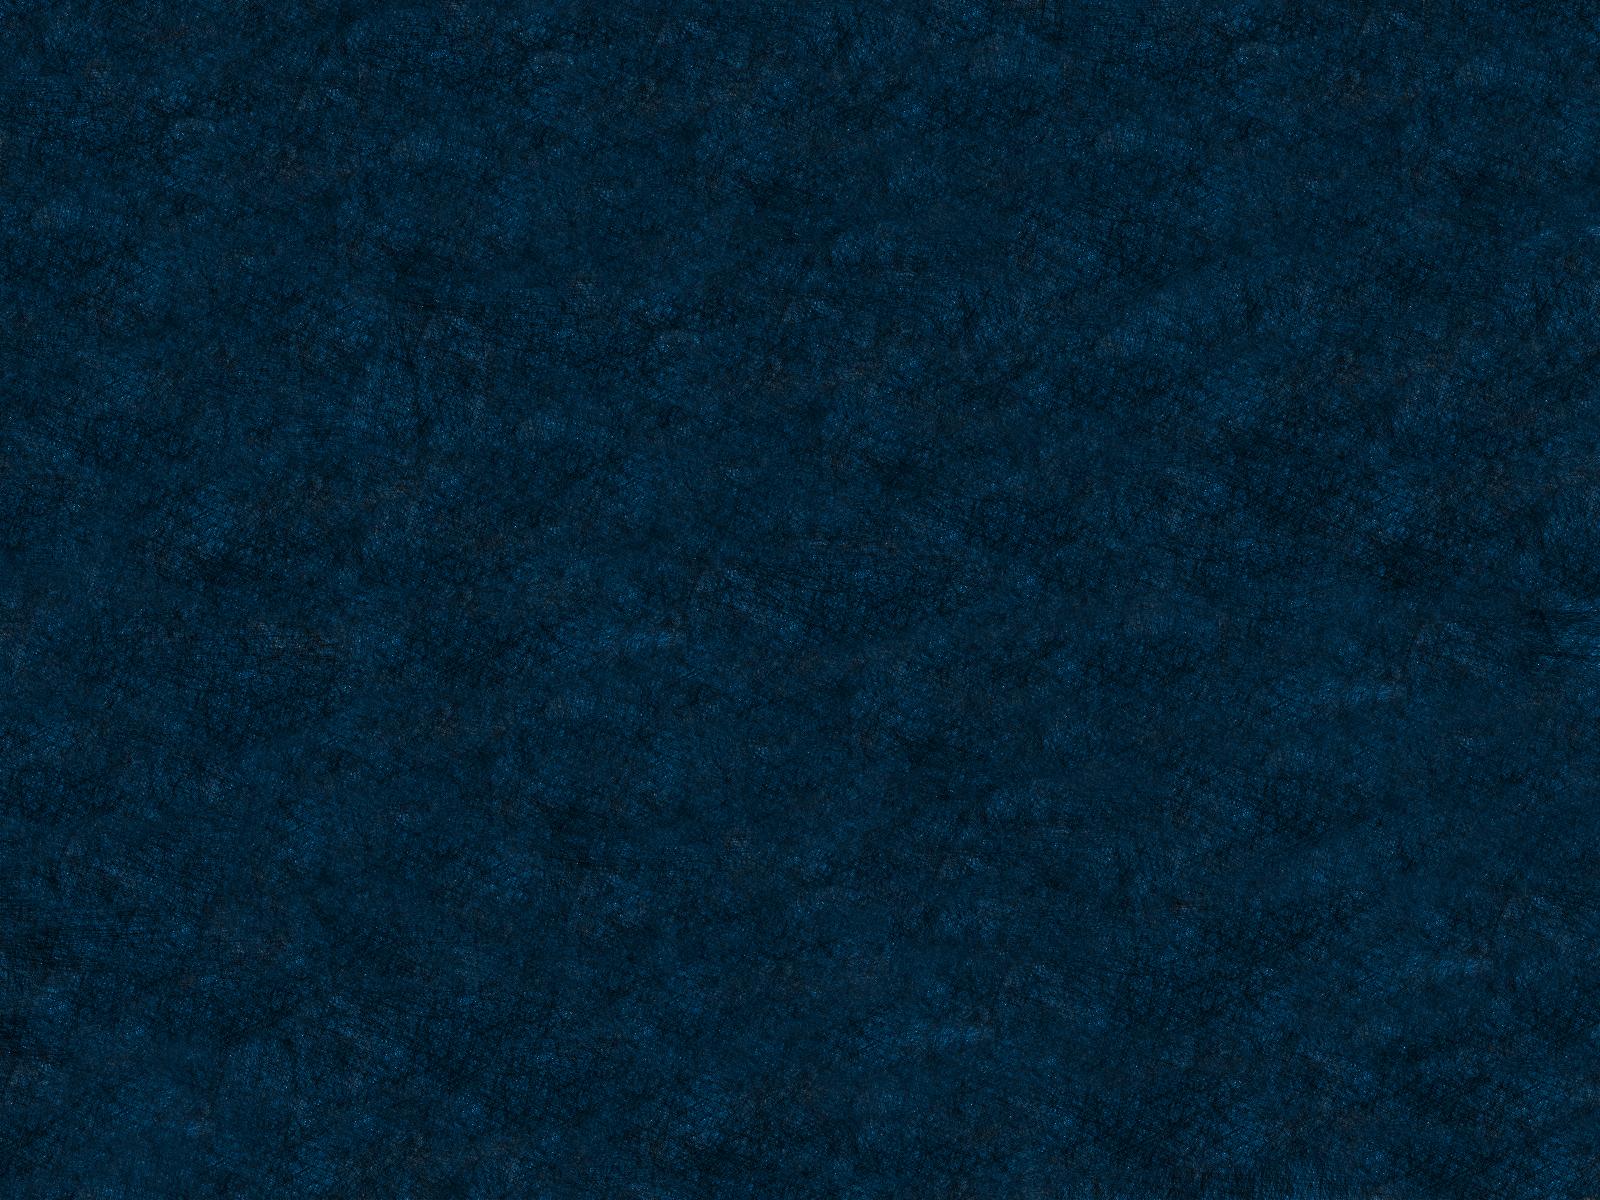 PostX Gnu/Linux 0.6 wallpaper